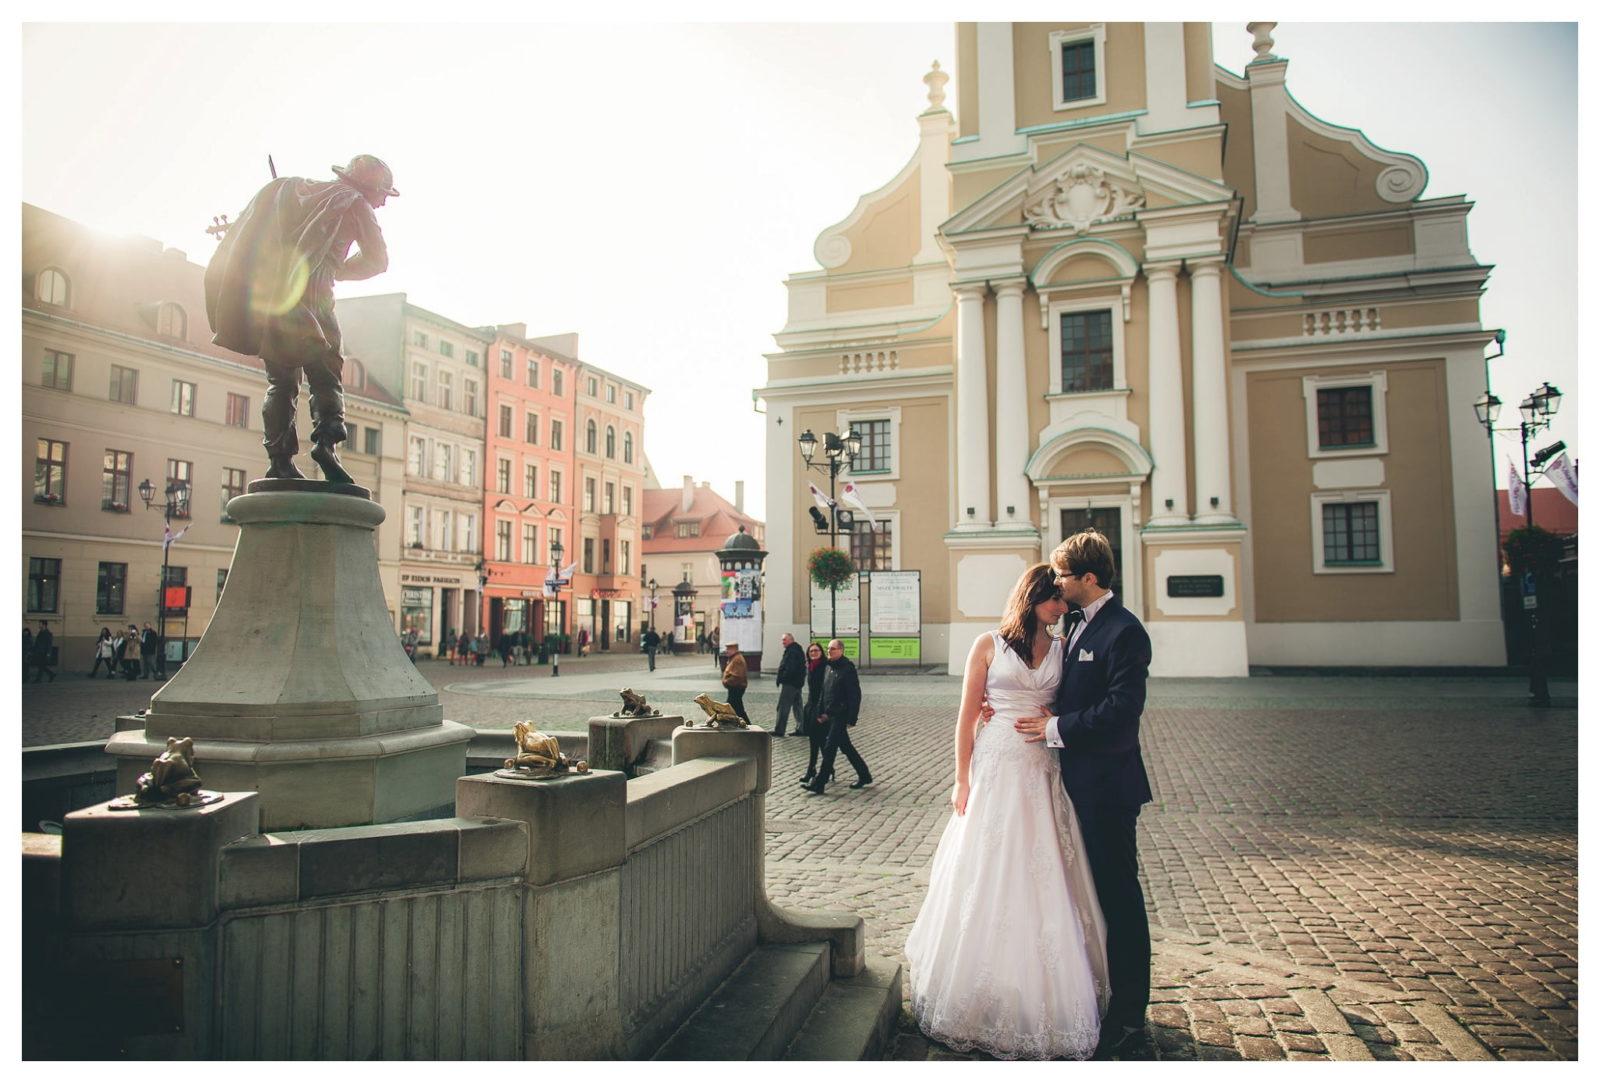 DSC 7566 - Jesienny plener ślubny w Toruniu. Sesja ślubna w Toruniu